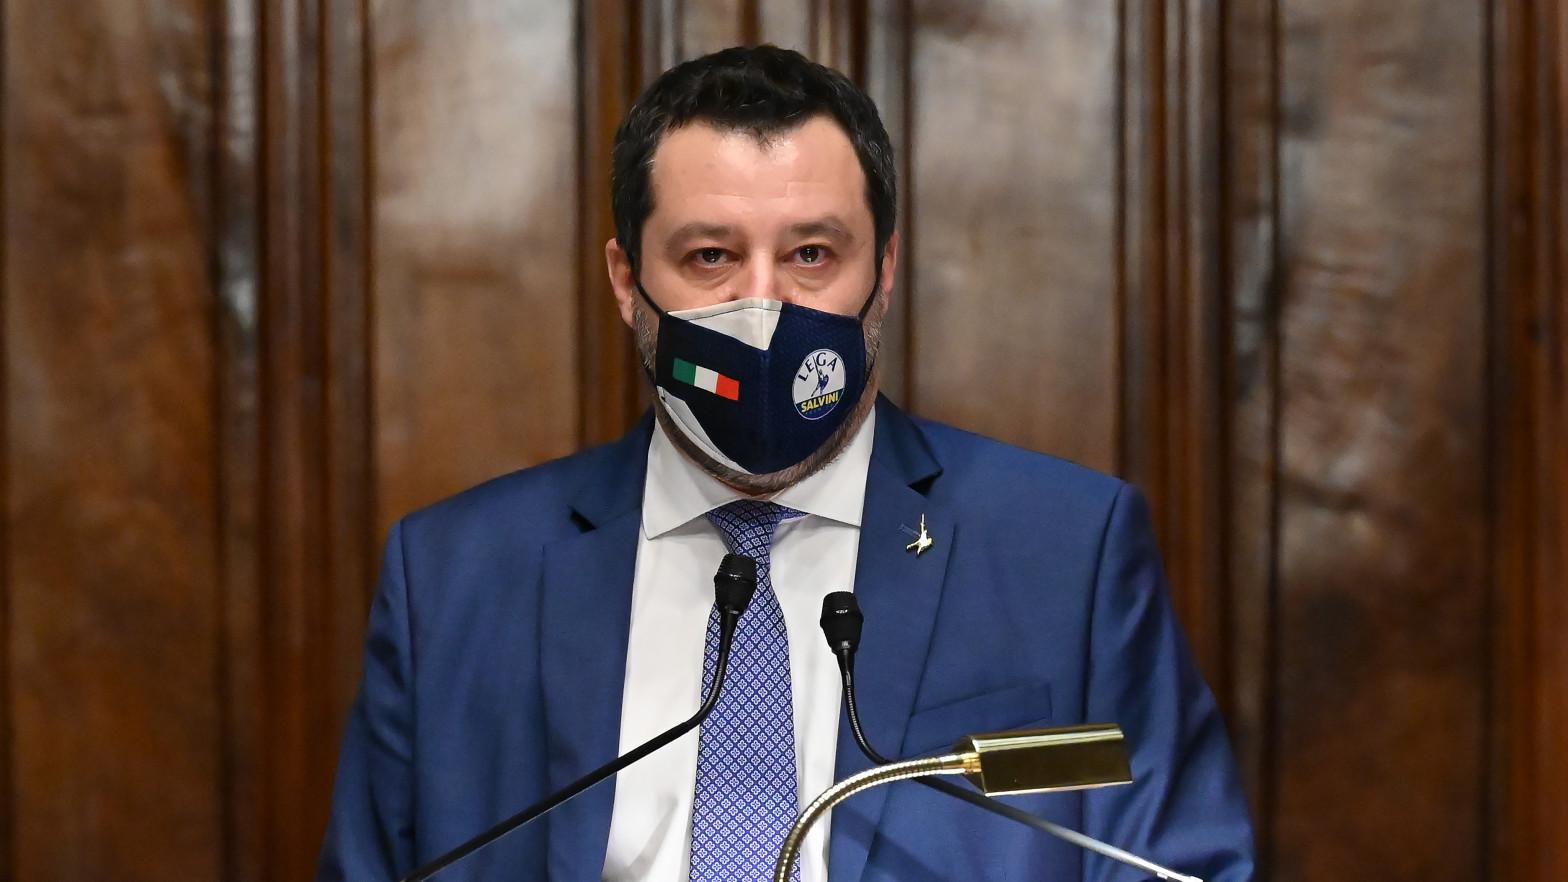 La Fiscalía de Palermo solicita la imputación de Salvini por secuestro en el caso 'Open Arms'